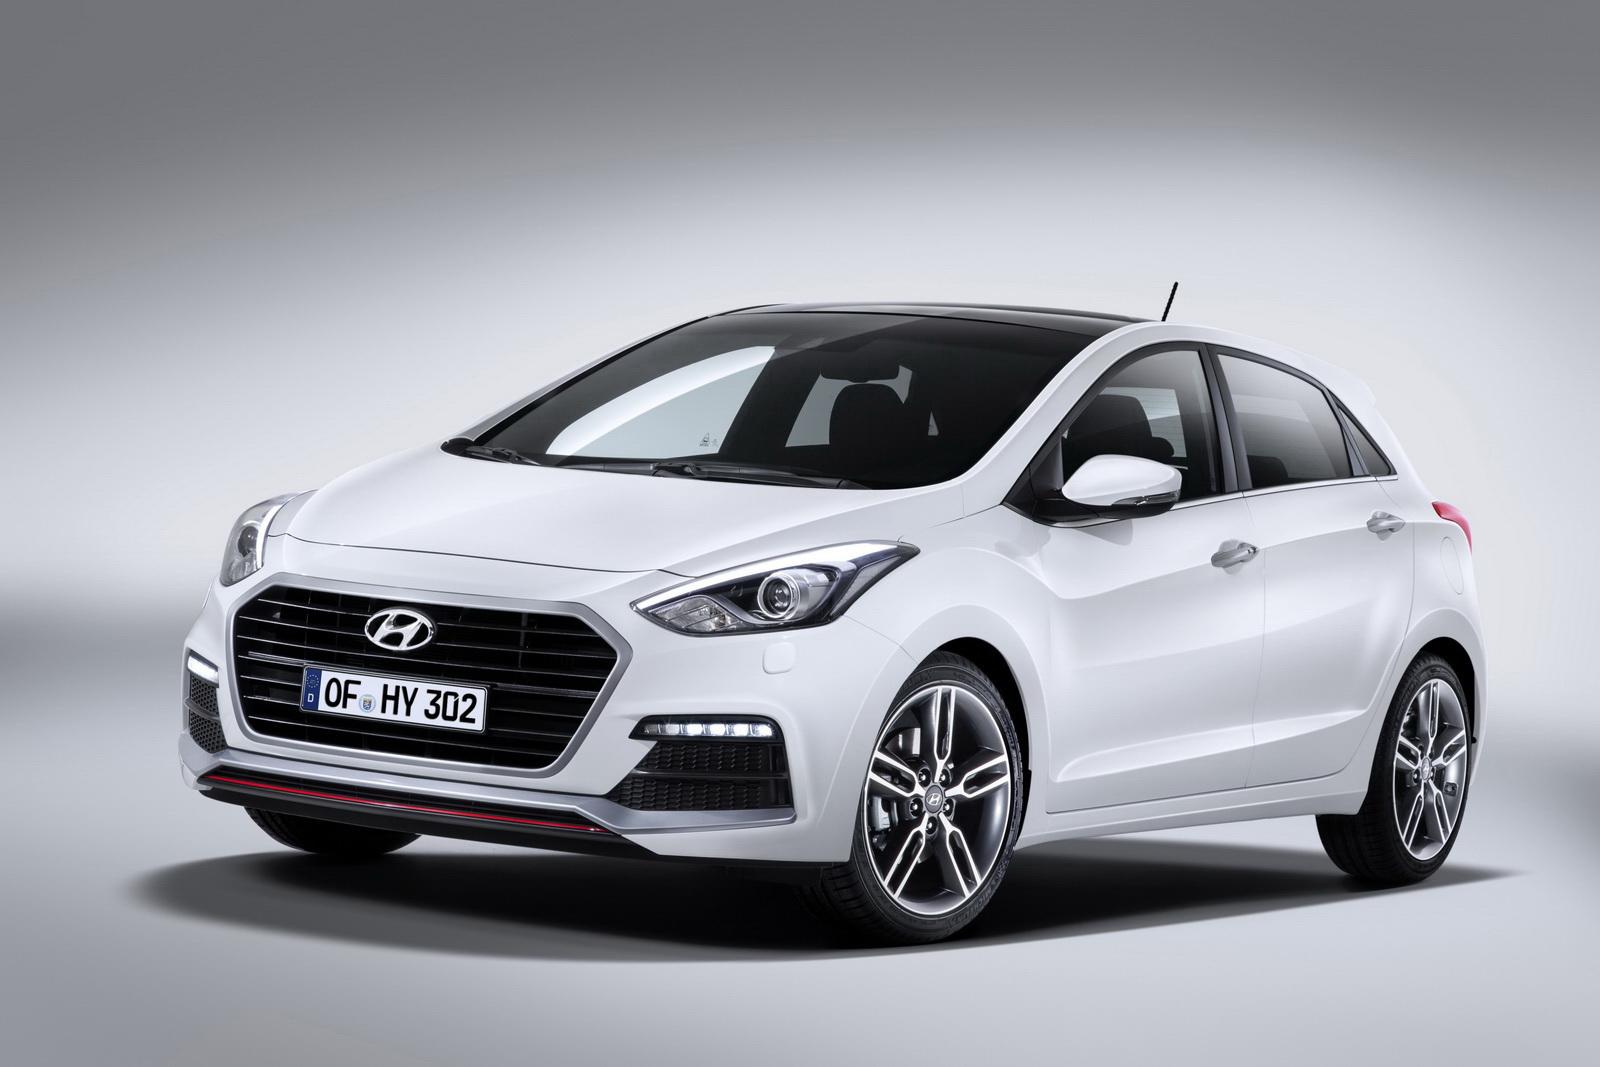 Hyundai อัพเดทรถแบบ I30 พร้อมใช้เครื่องยนต์ 1 6 ลิตรแบบ